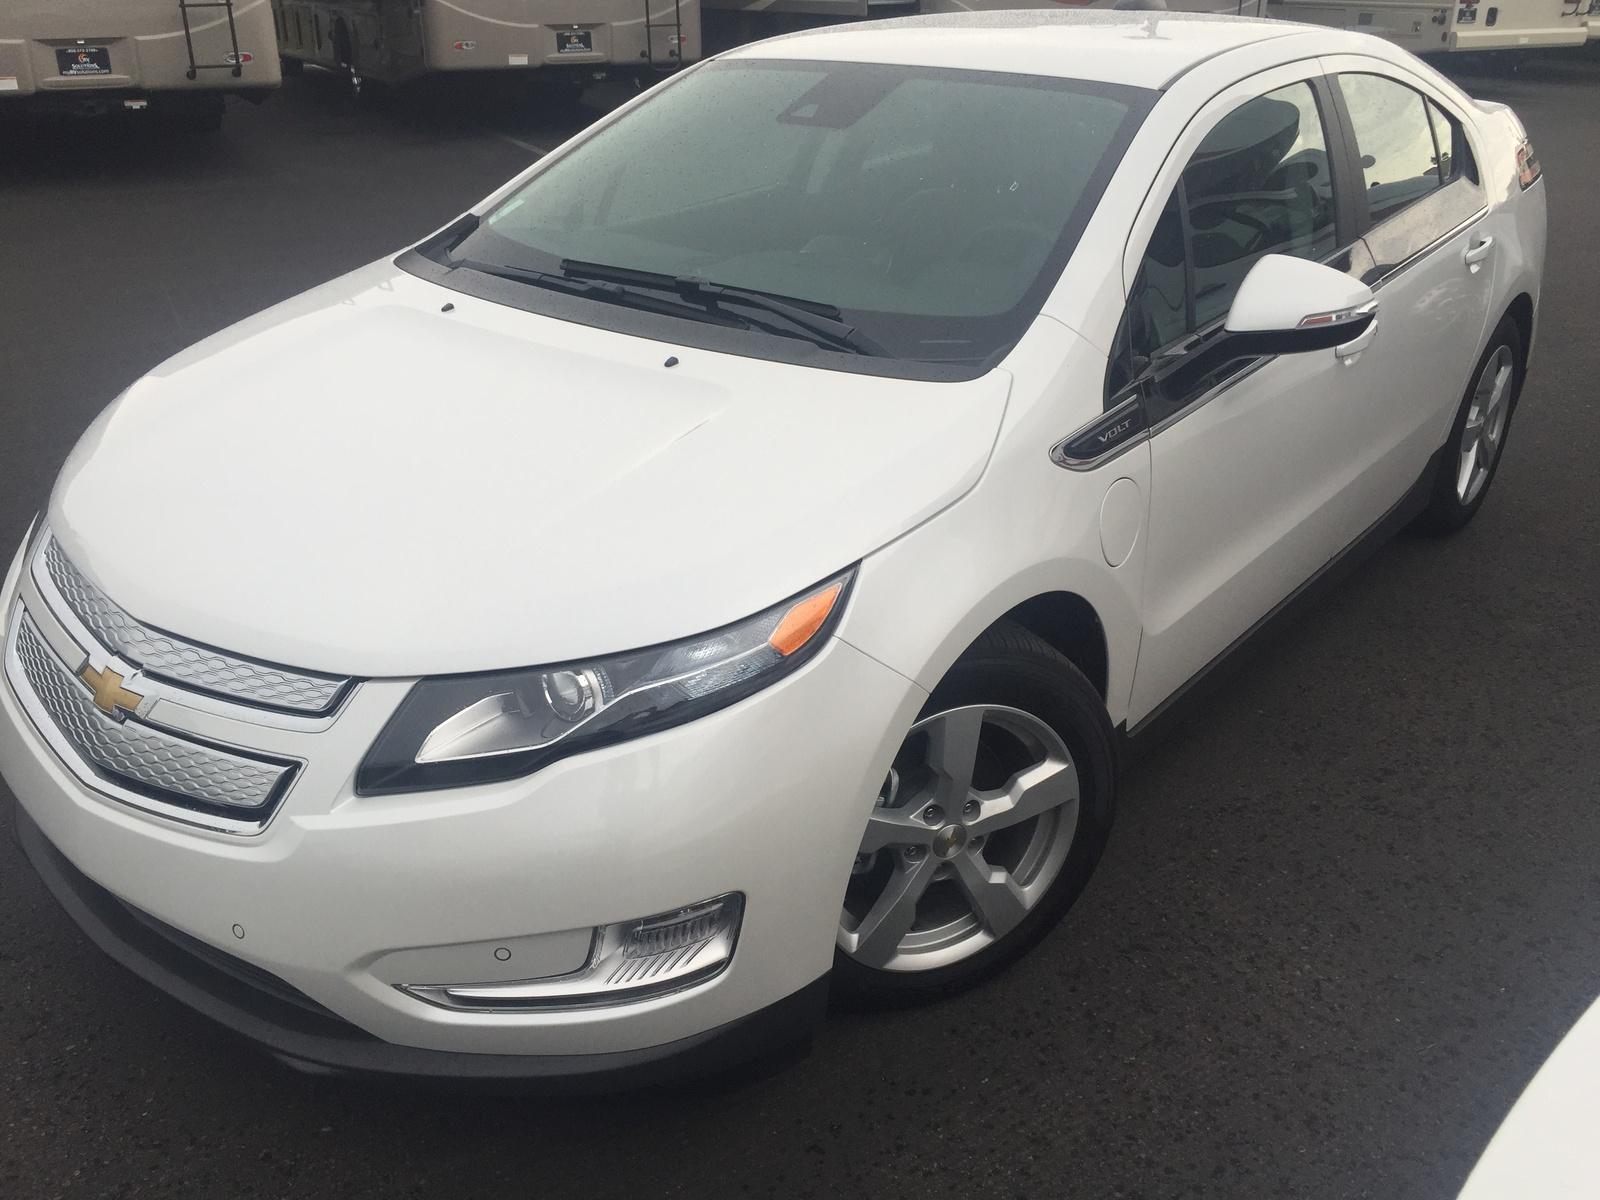 Abilene Chevrolet Volt >> New 2015 Chevrolet Volt For Sale - CarGurus